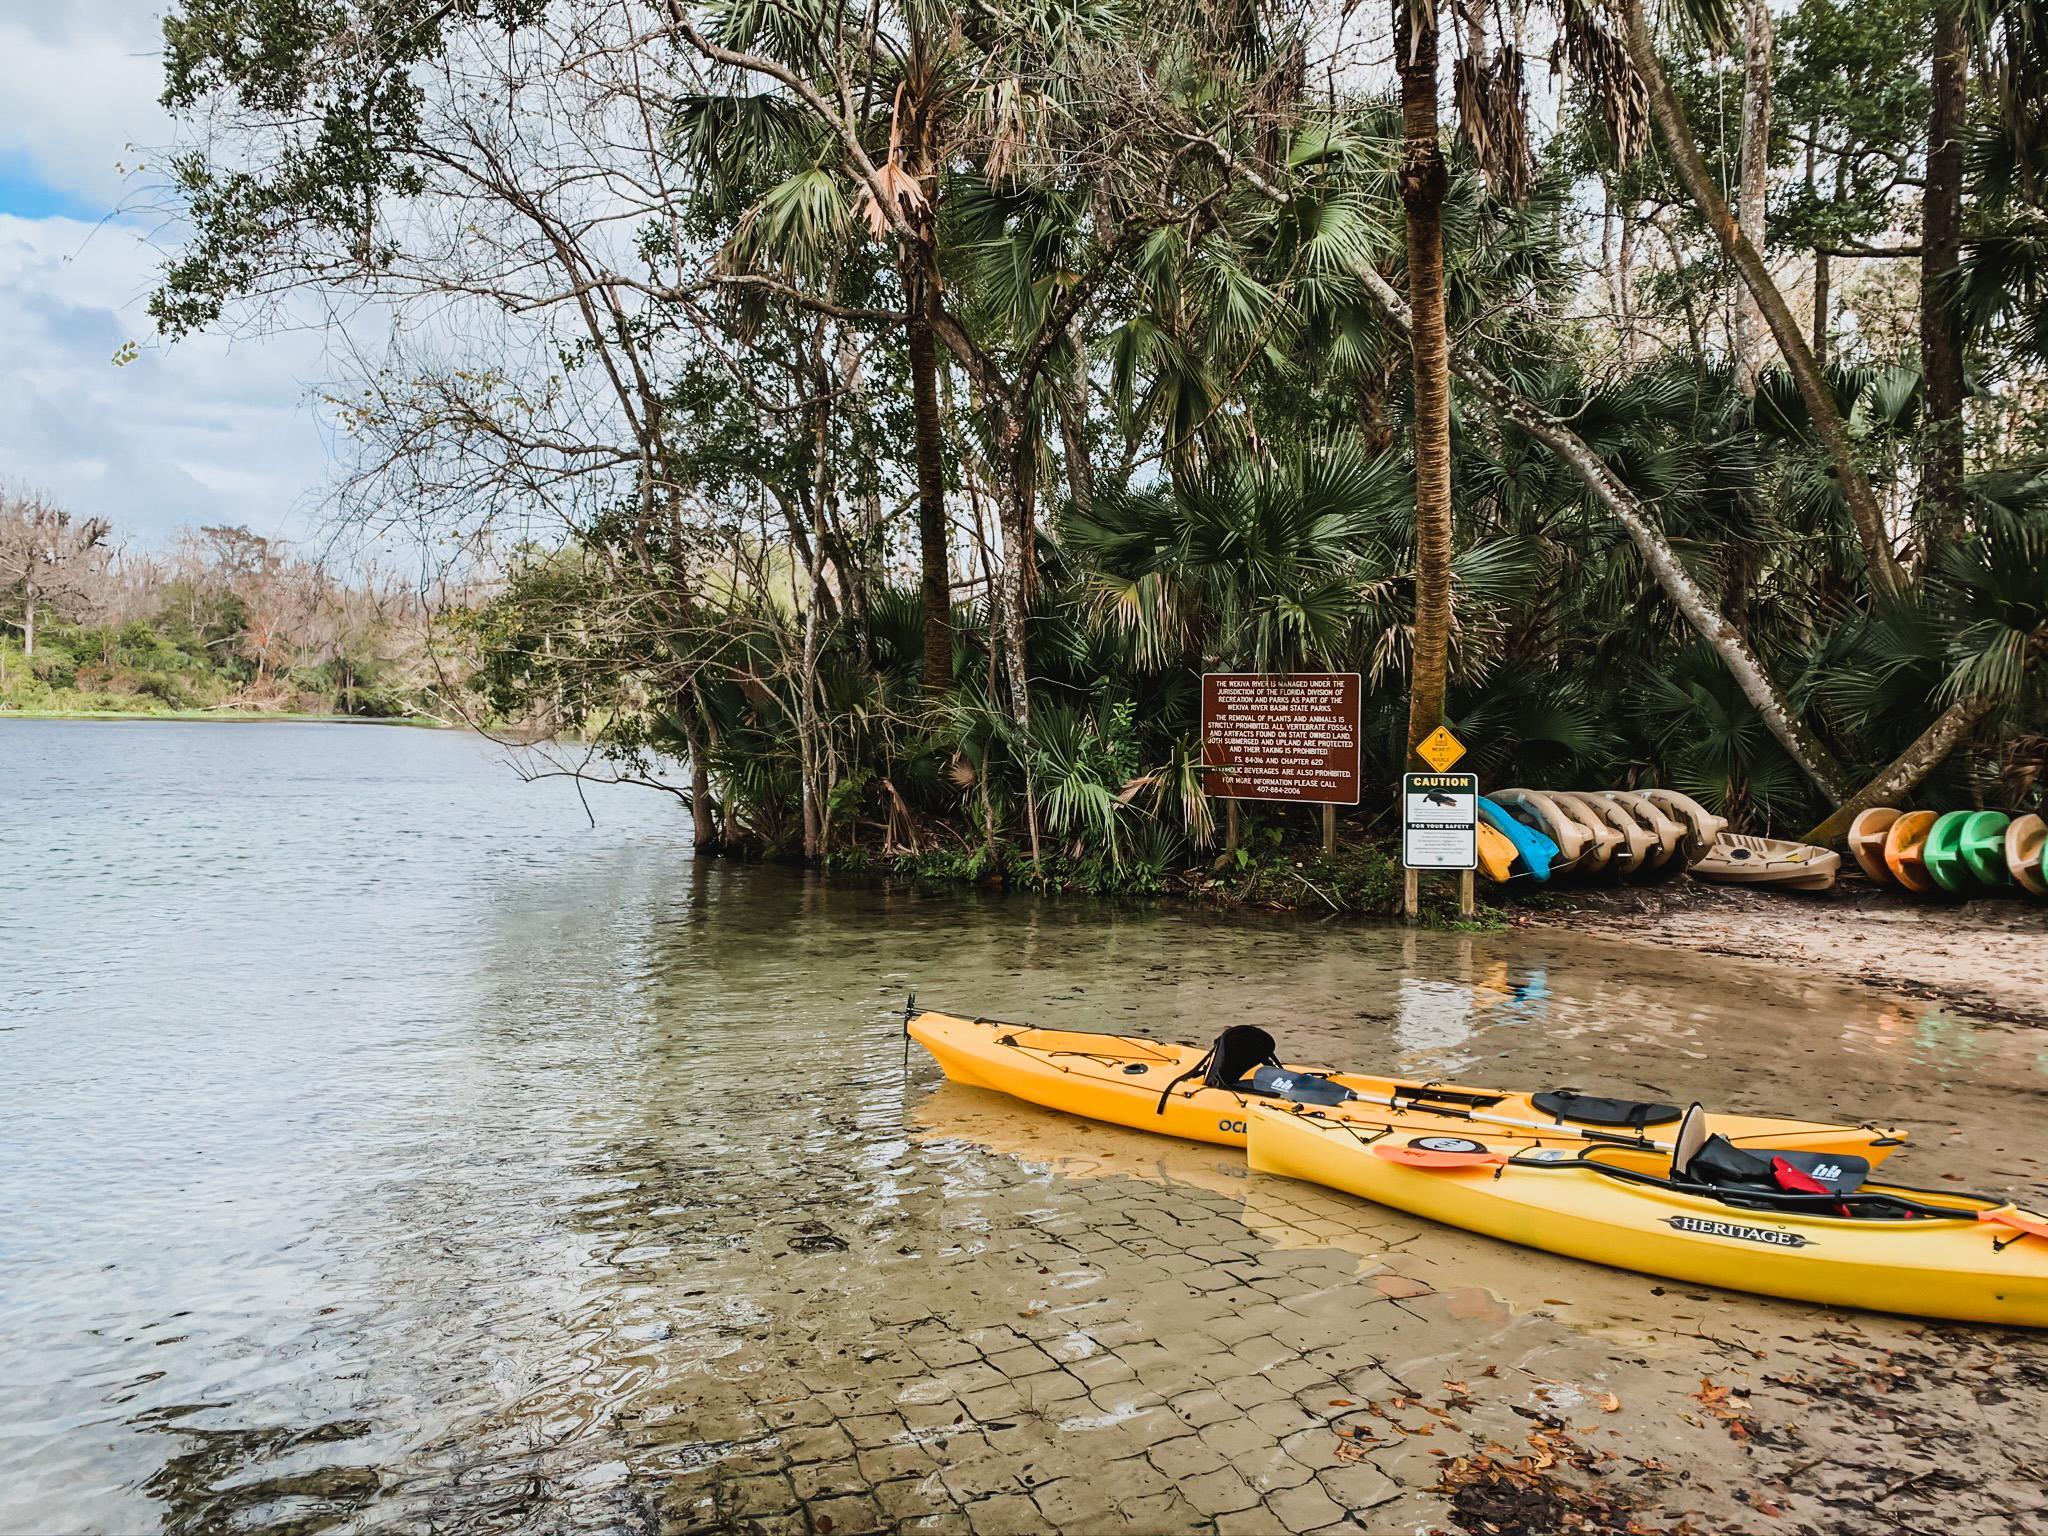 kayaking in florida springs